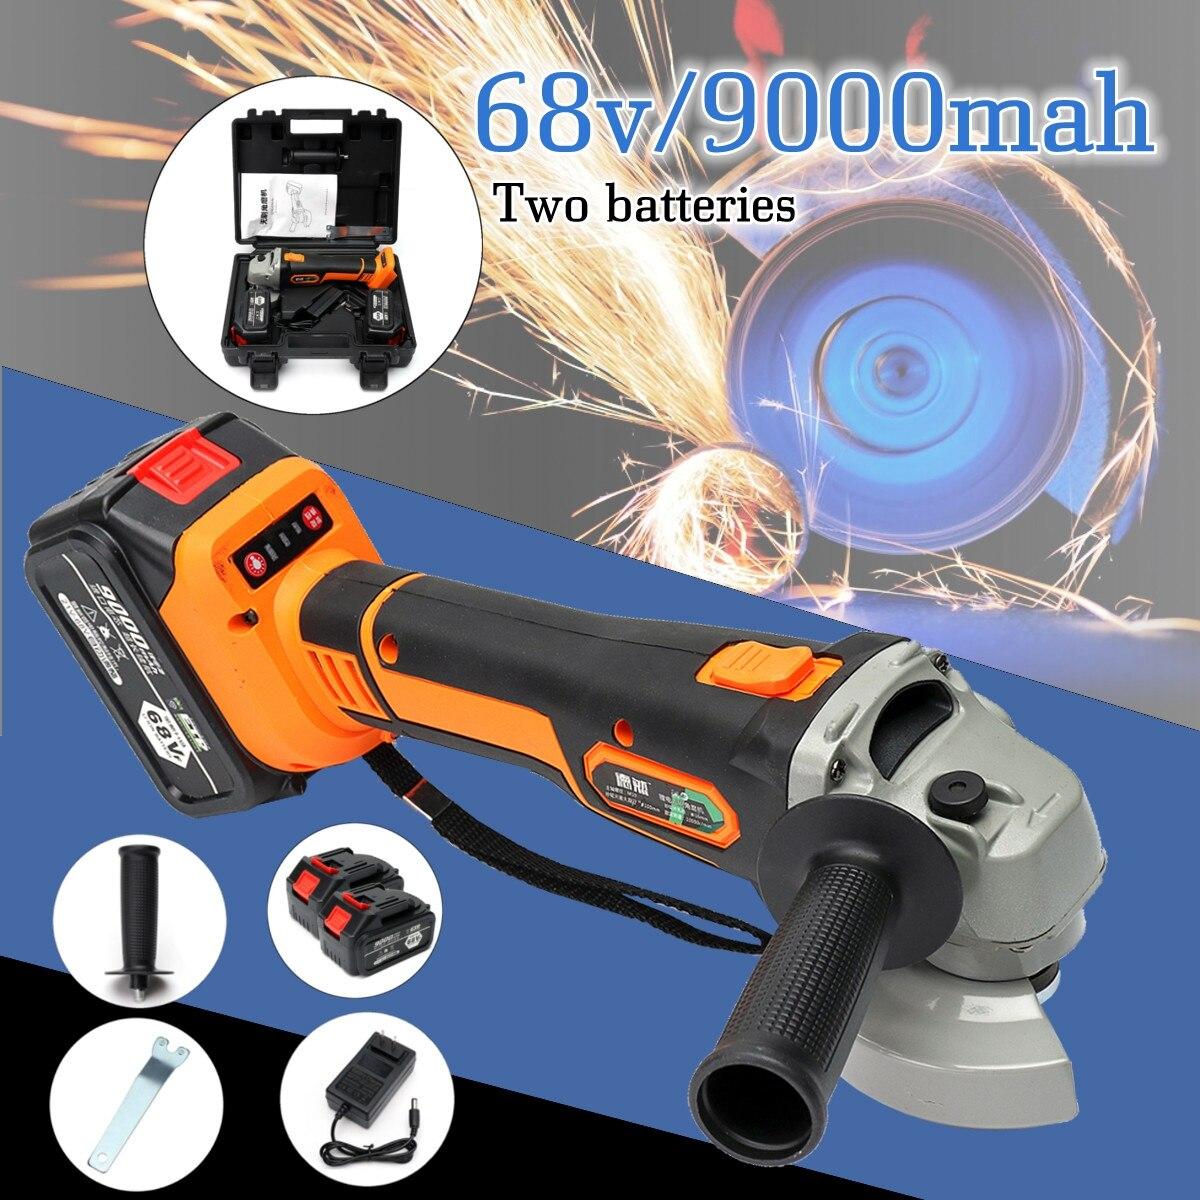 68vf 9000 mah Électrique Angle Grinder Polisseuse Sans Fil Machine De Polissage Outil De Coupe Avec un chargeur et 1/2 Batterie